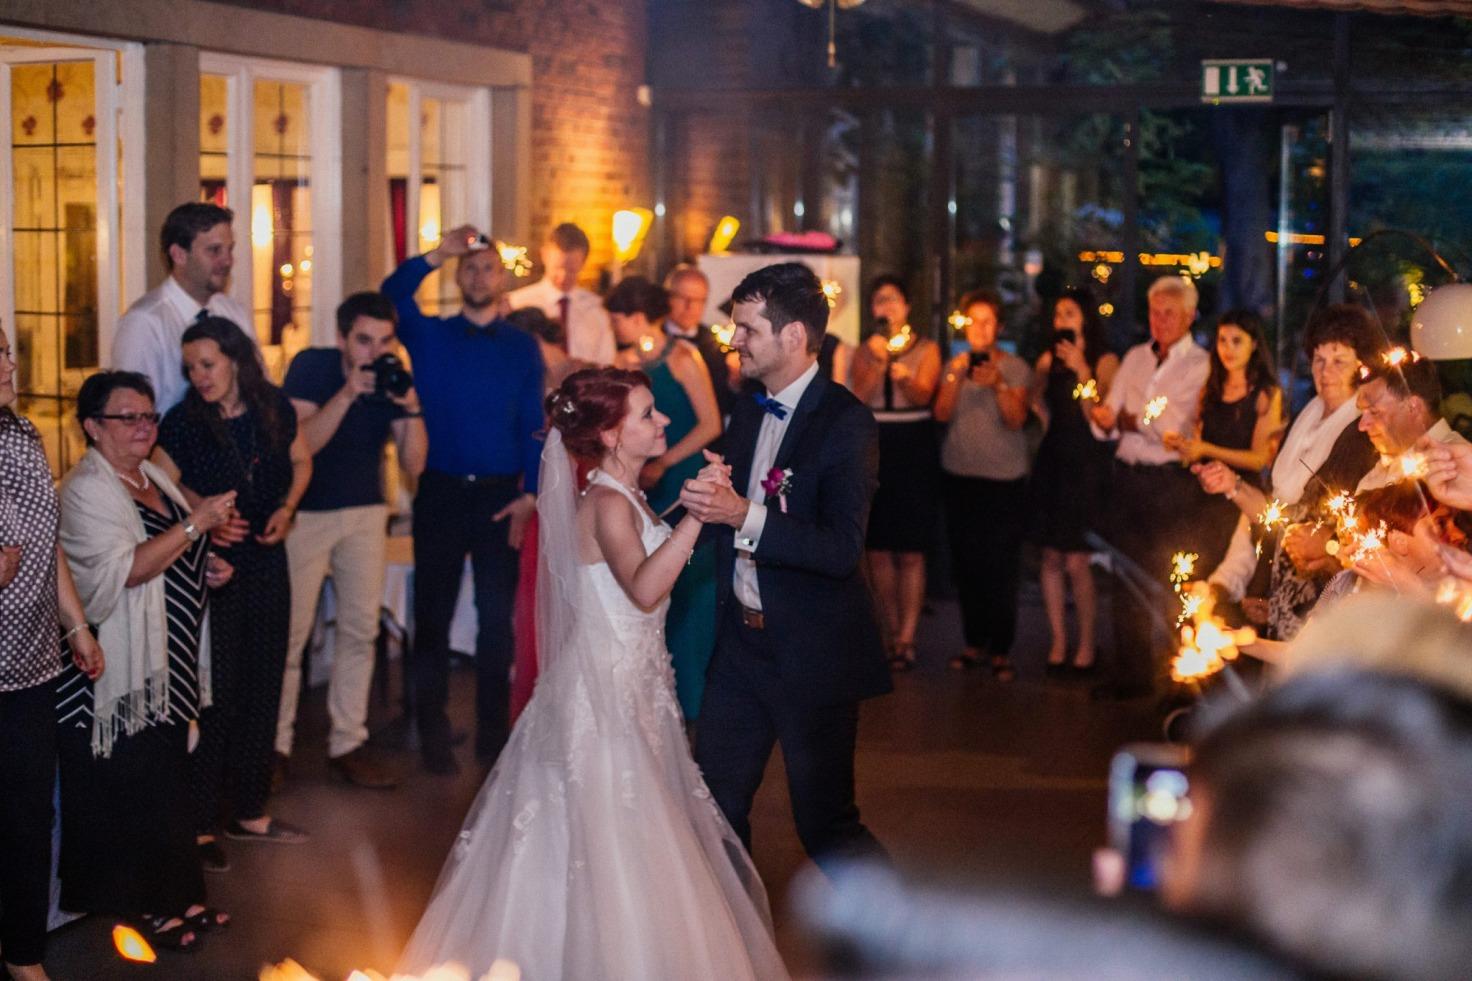 Hochzeit von Tine und Basti in Münster: Brautpaar tanzt vor den Gästen